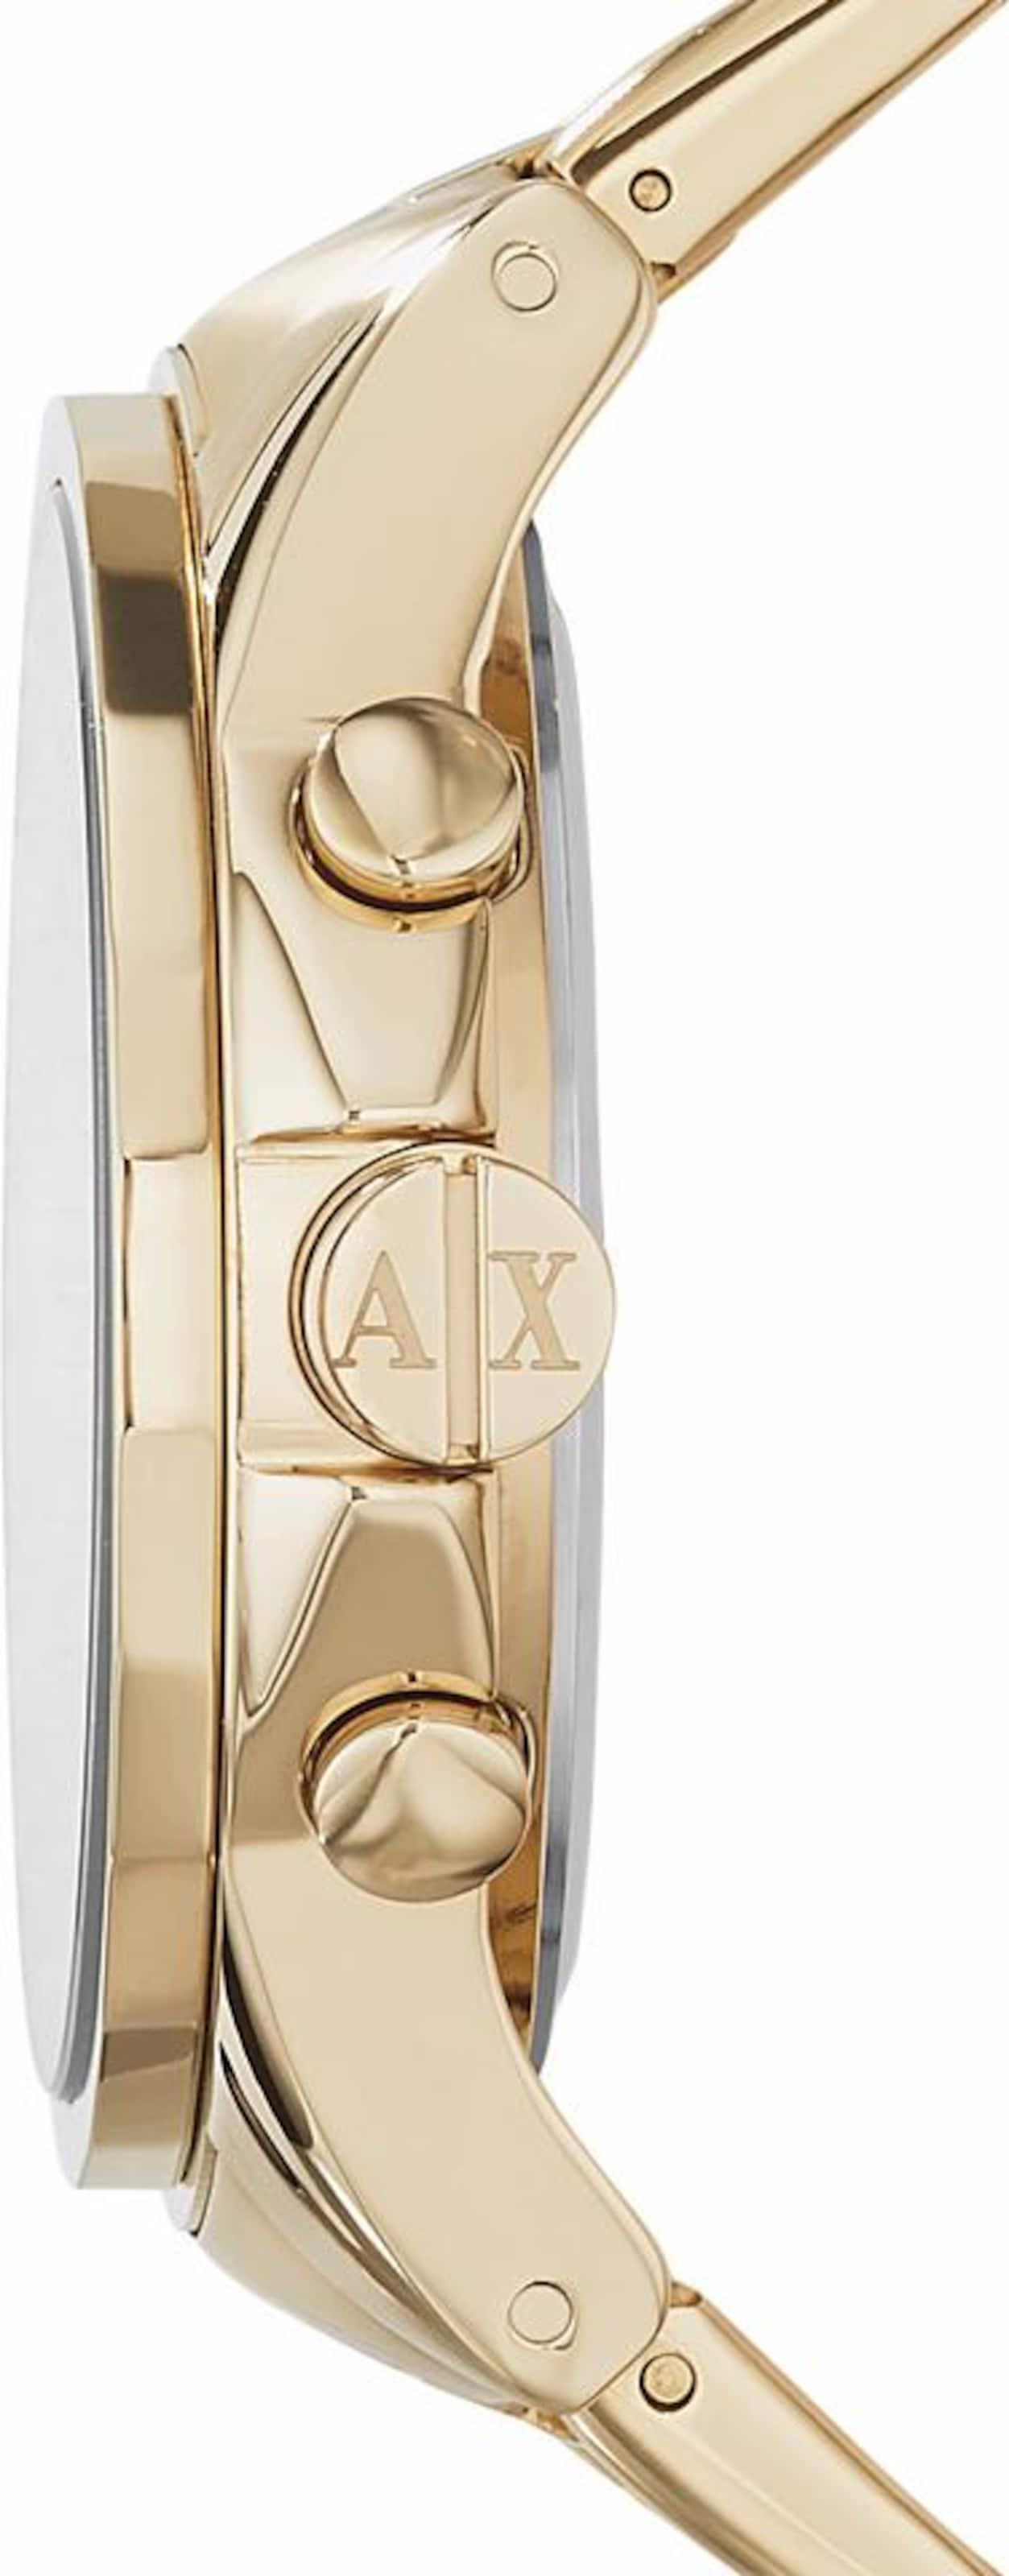 Sauber Und Klassisch Rabatt-Shop Für ARMANI EXCHANGE Chronograph »AX2099« M7R59IW1v